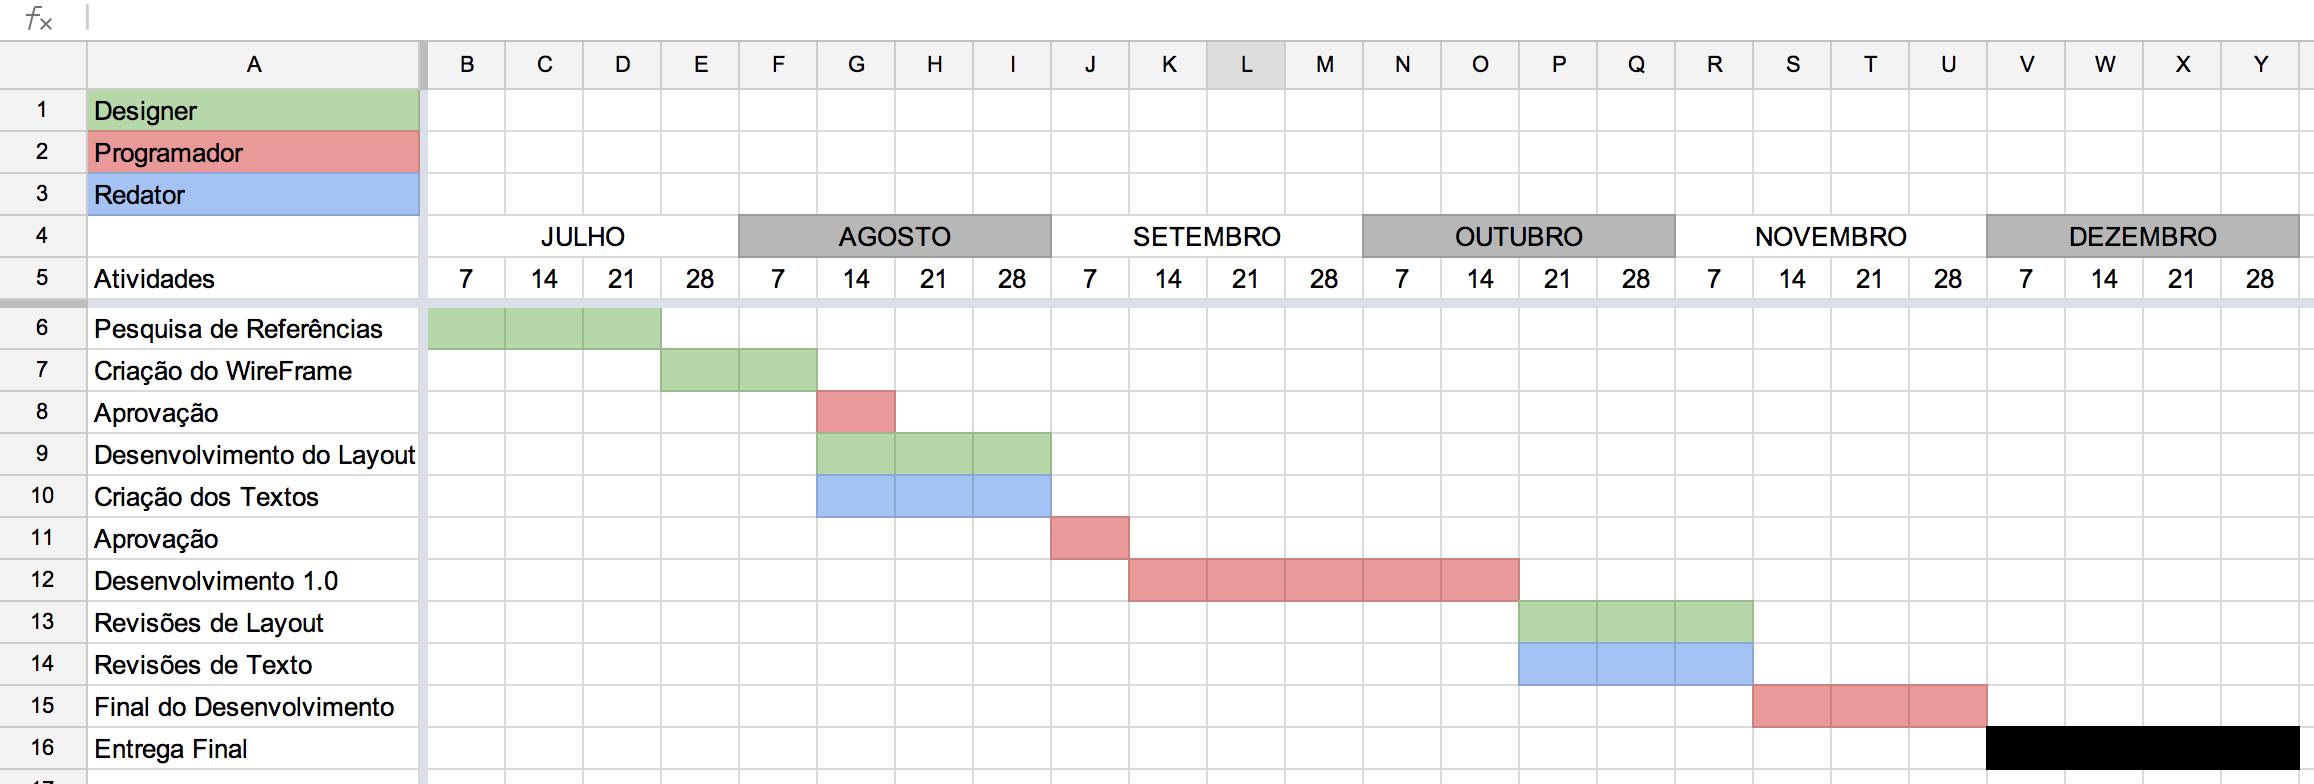 5 Moglichkeiten Zur Verwendung Von Google Tabellen Blog Luz